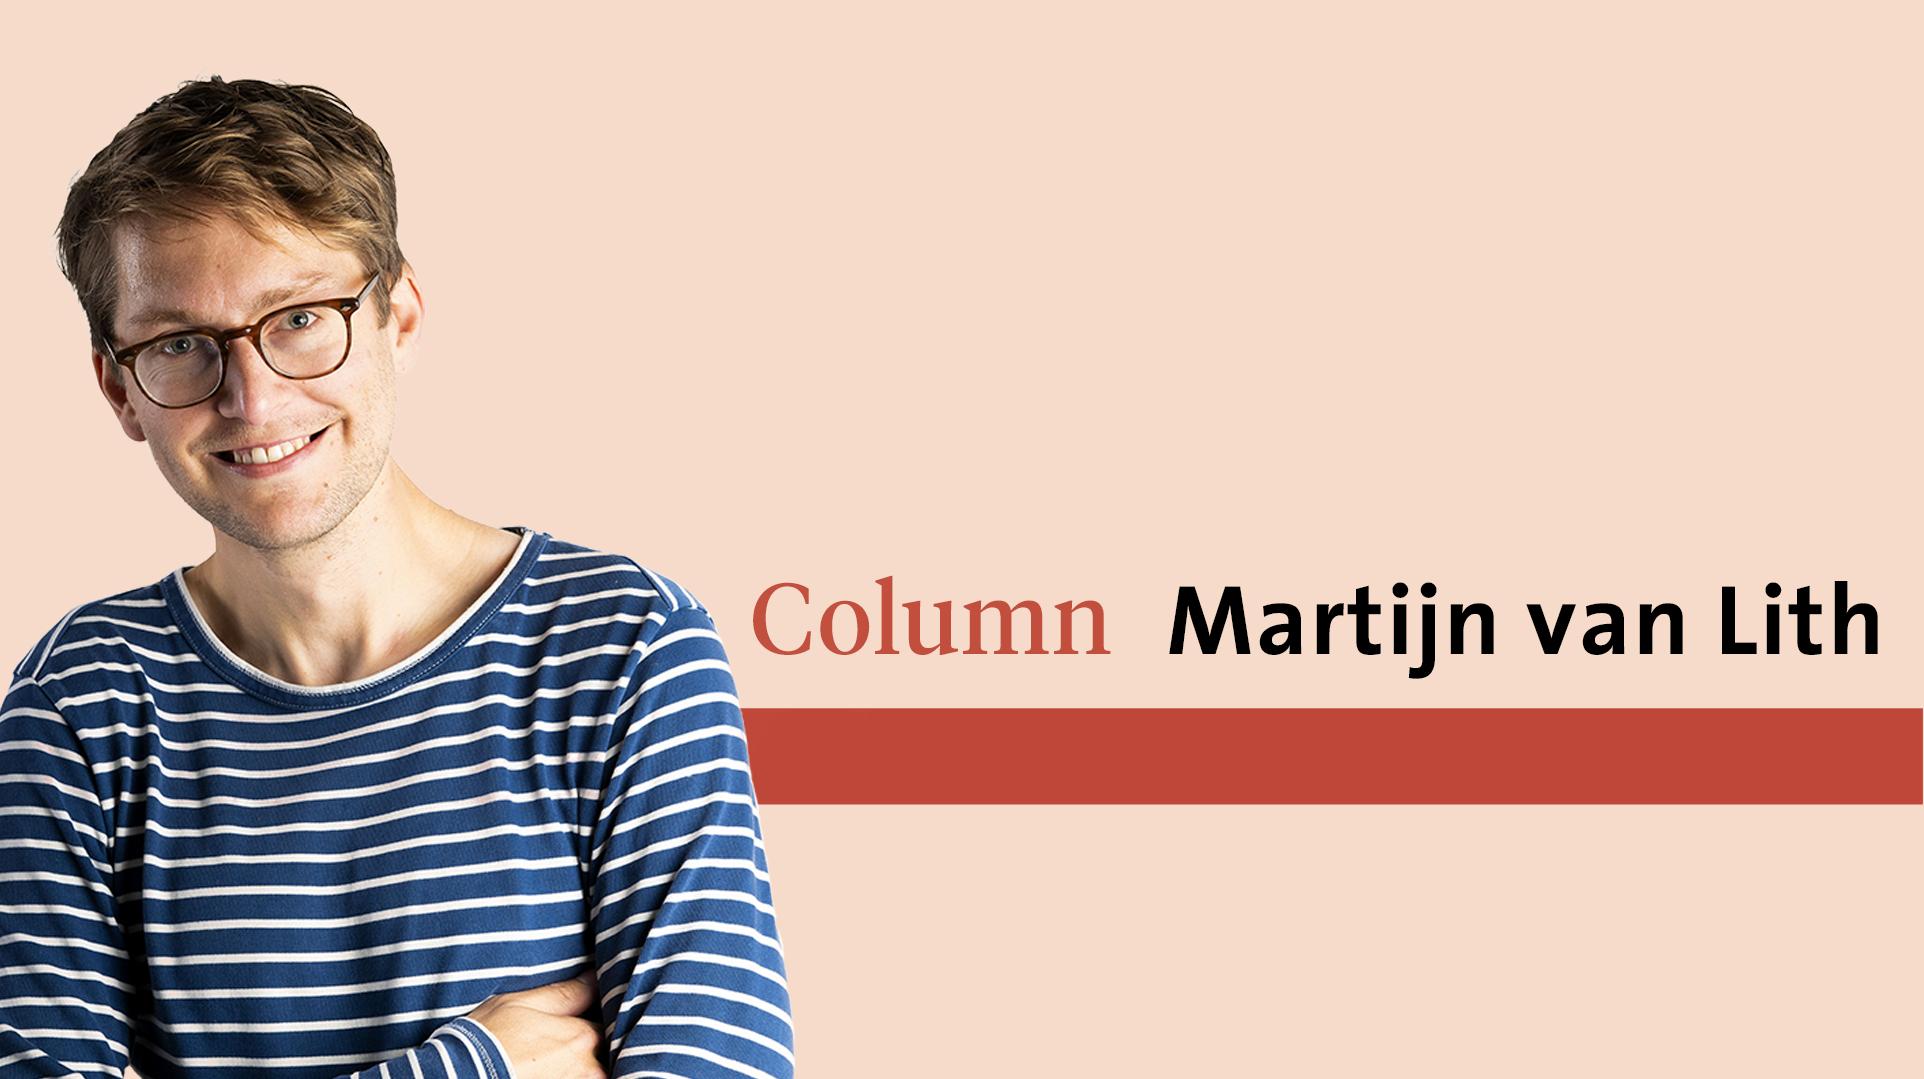 Alles is er weer, Here, There and Everywhere, op deze thuiswerkplek waar de dagen ongemerkt oplossen in de mist van grijze weken | column Martijn van Lith